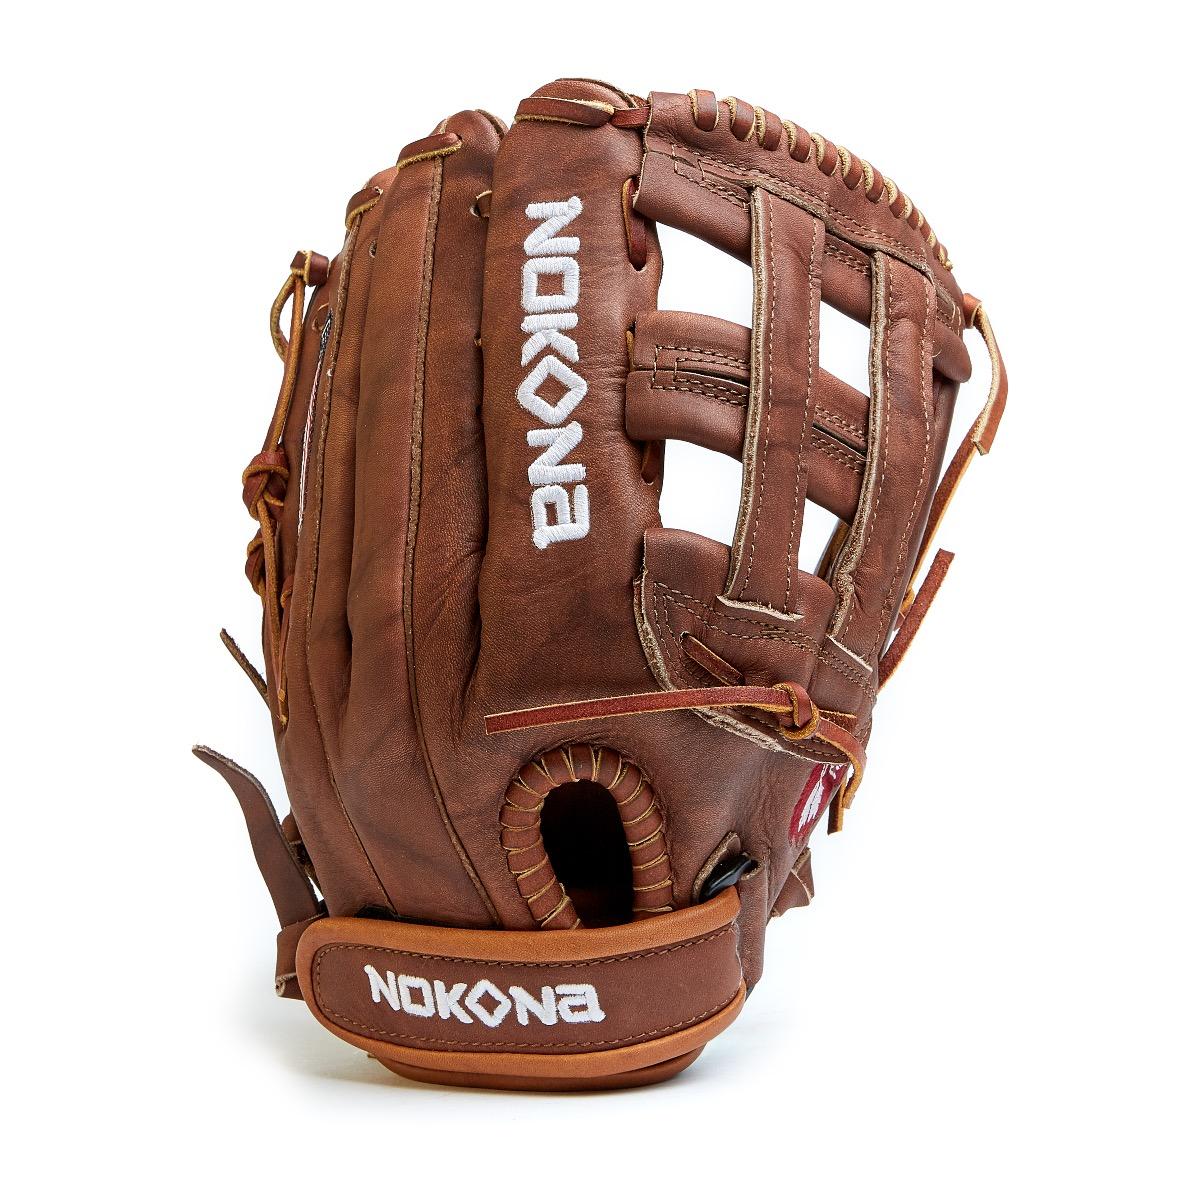 Nokona Walnut Series Baseball Glove W-1200 W-1200